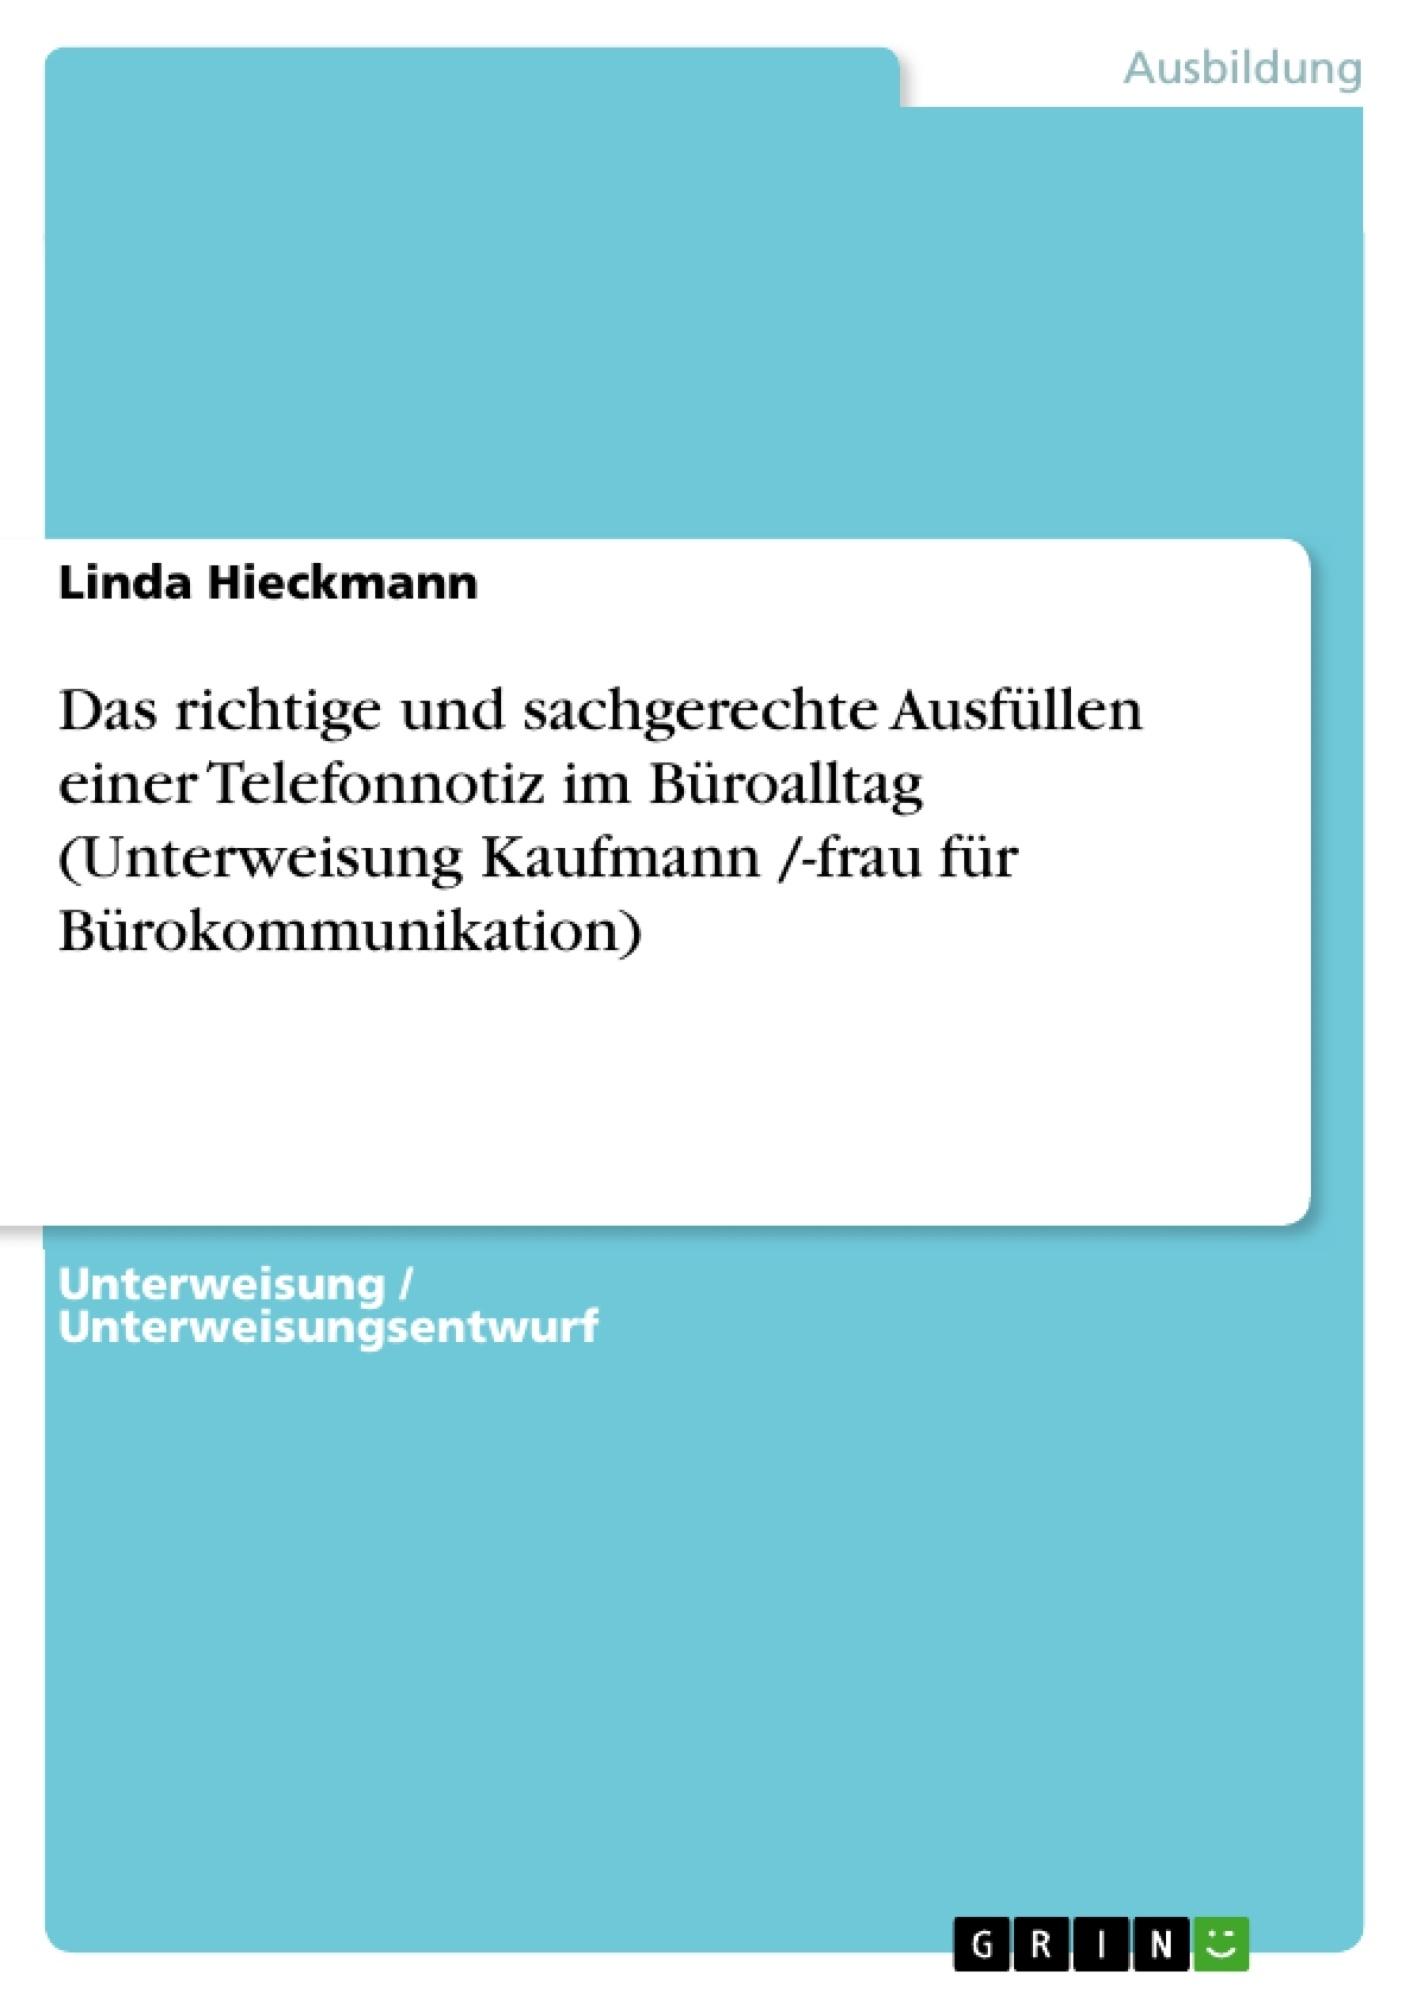 Titel: Das richtige und sachgerechte Ausfüllen einer Telefonnotiz im Büroalltag (Unterweisung Kaufmann /-frau für Bürokommunikation)